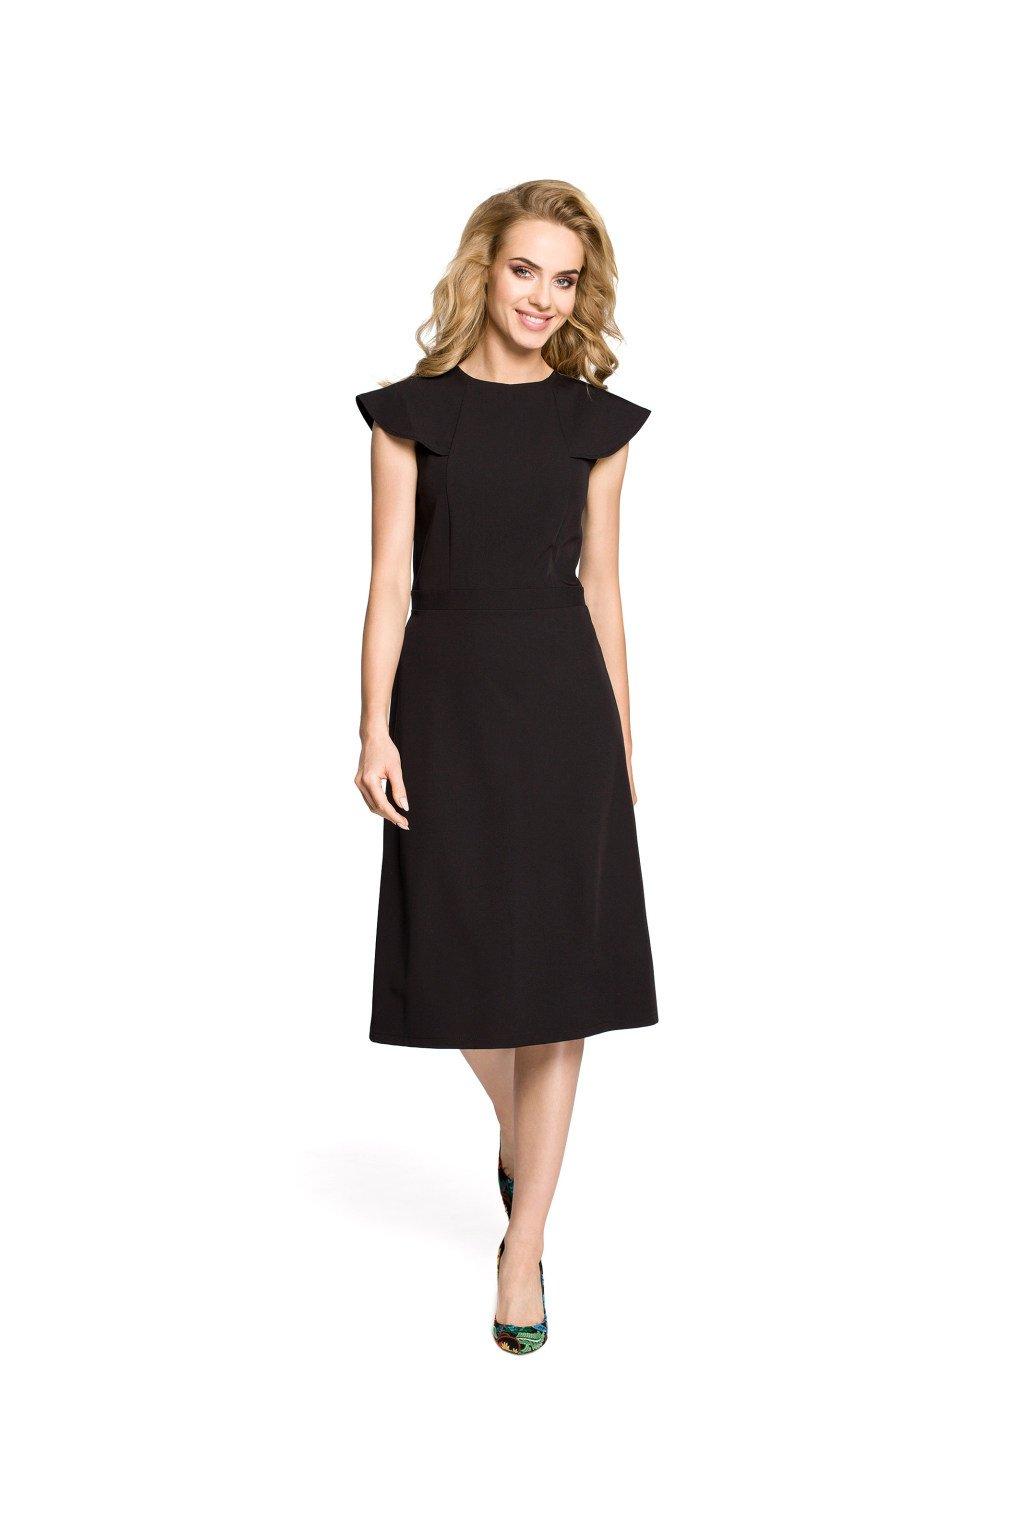 Dámské elegantní šaty MOE M311 černé zepředu